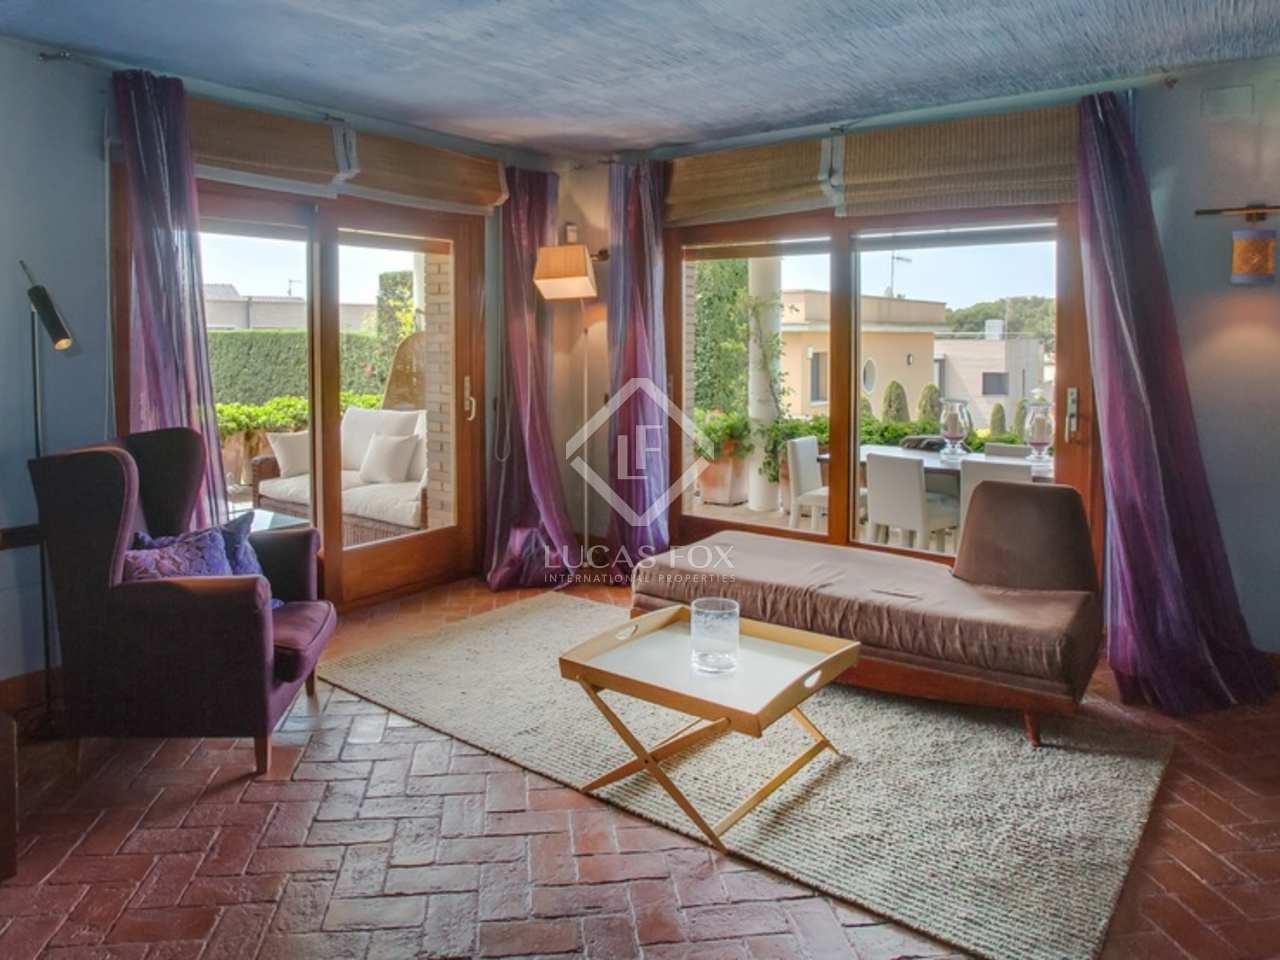 Villa de dise o en venta en palam s en la costa brava - Apartamentos en venta en palamos ...